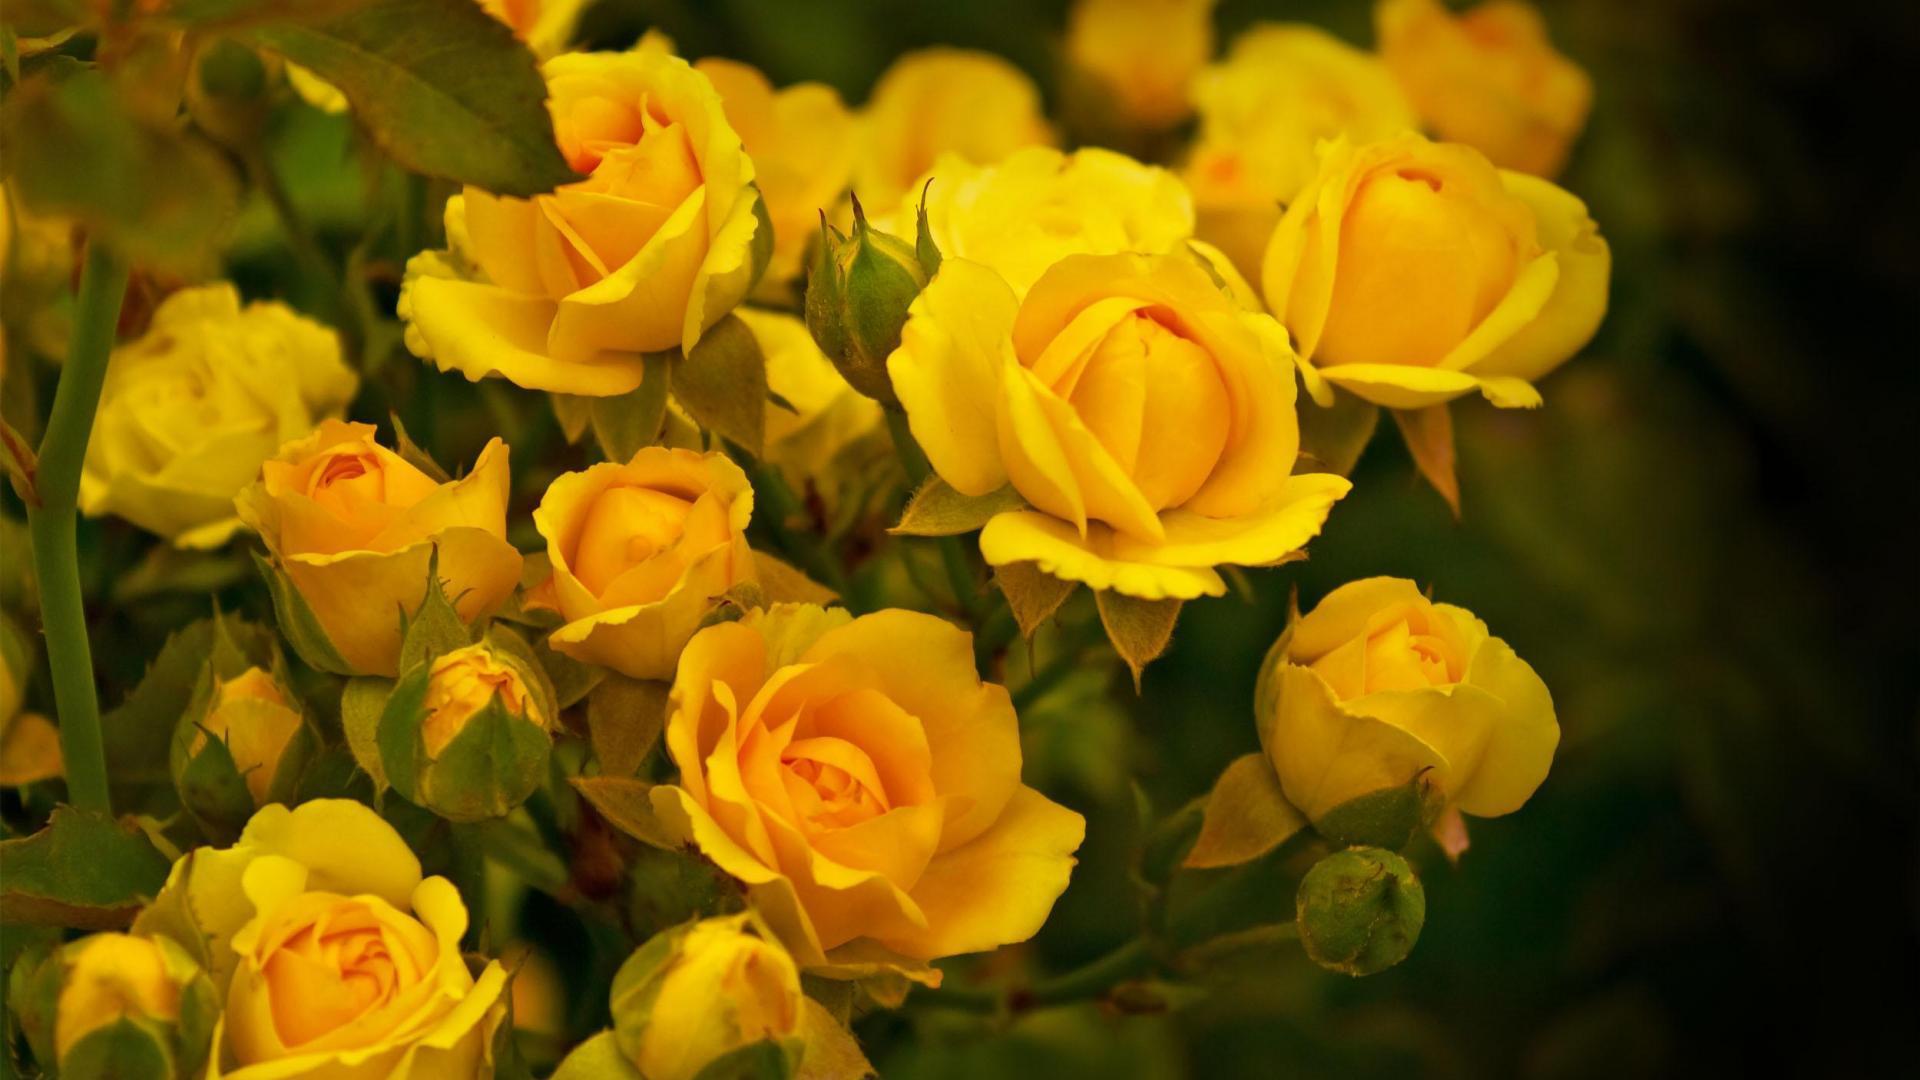 Удивительные картинки на рабочий стол Желтые розы - подборка 15